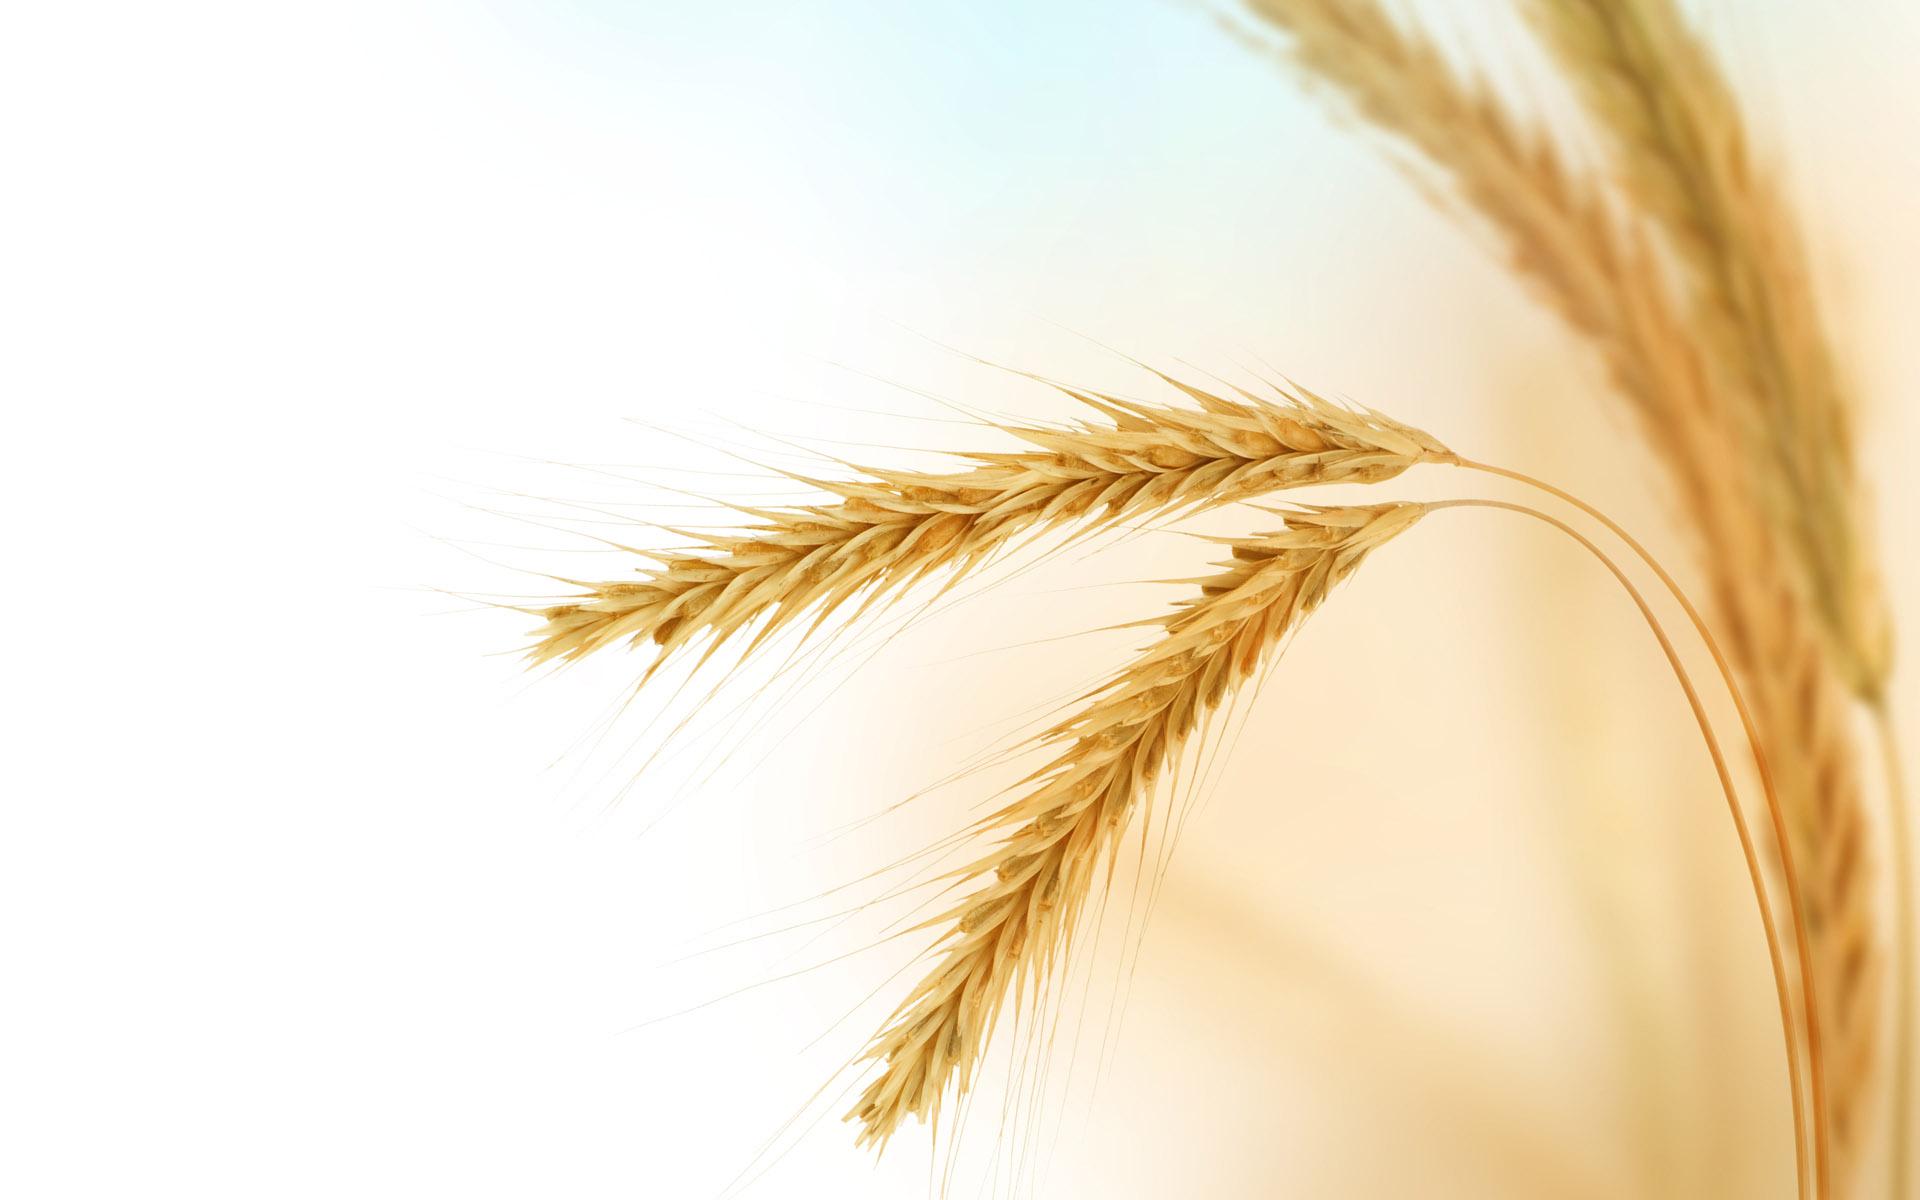 Wheat Crop Clipart - Clipart Kid